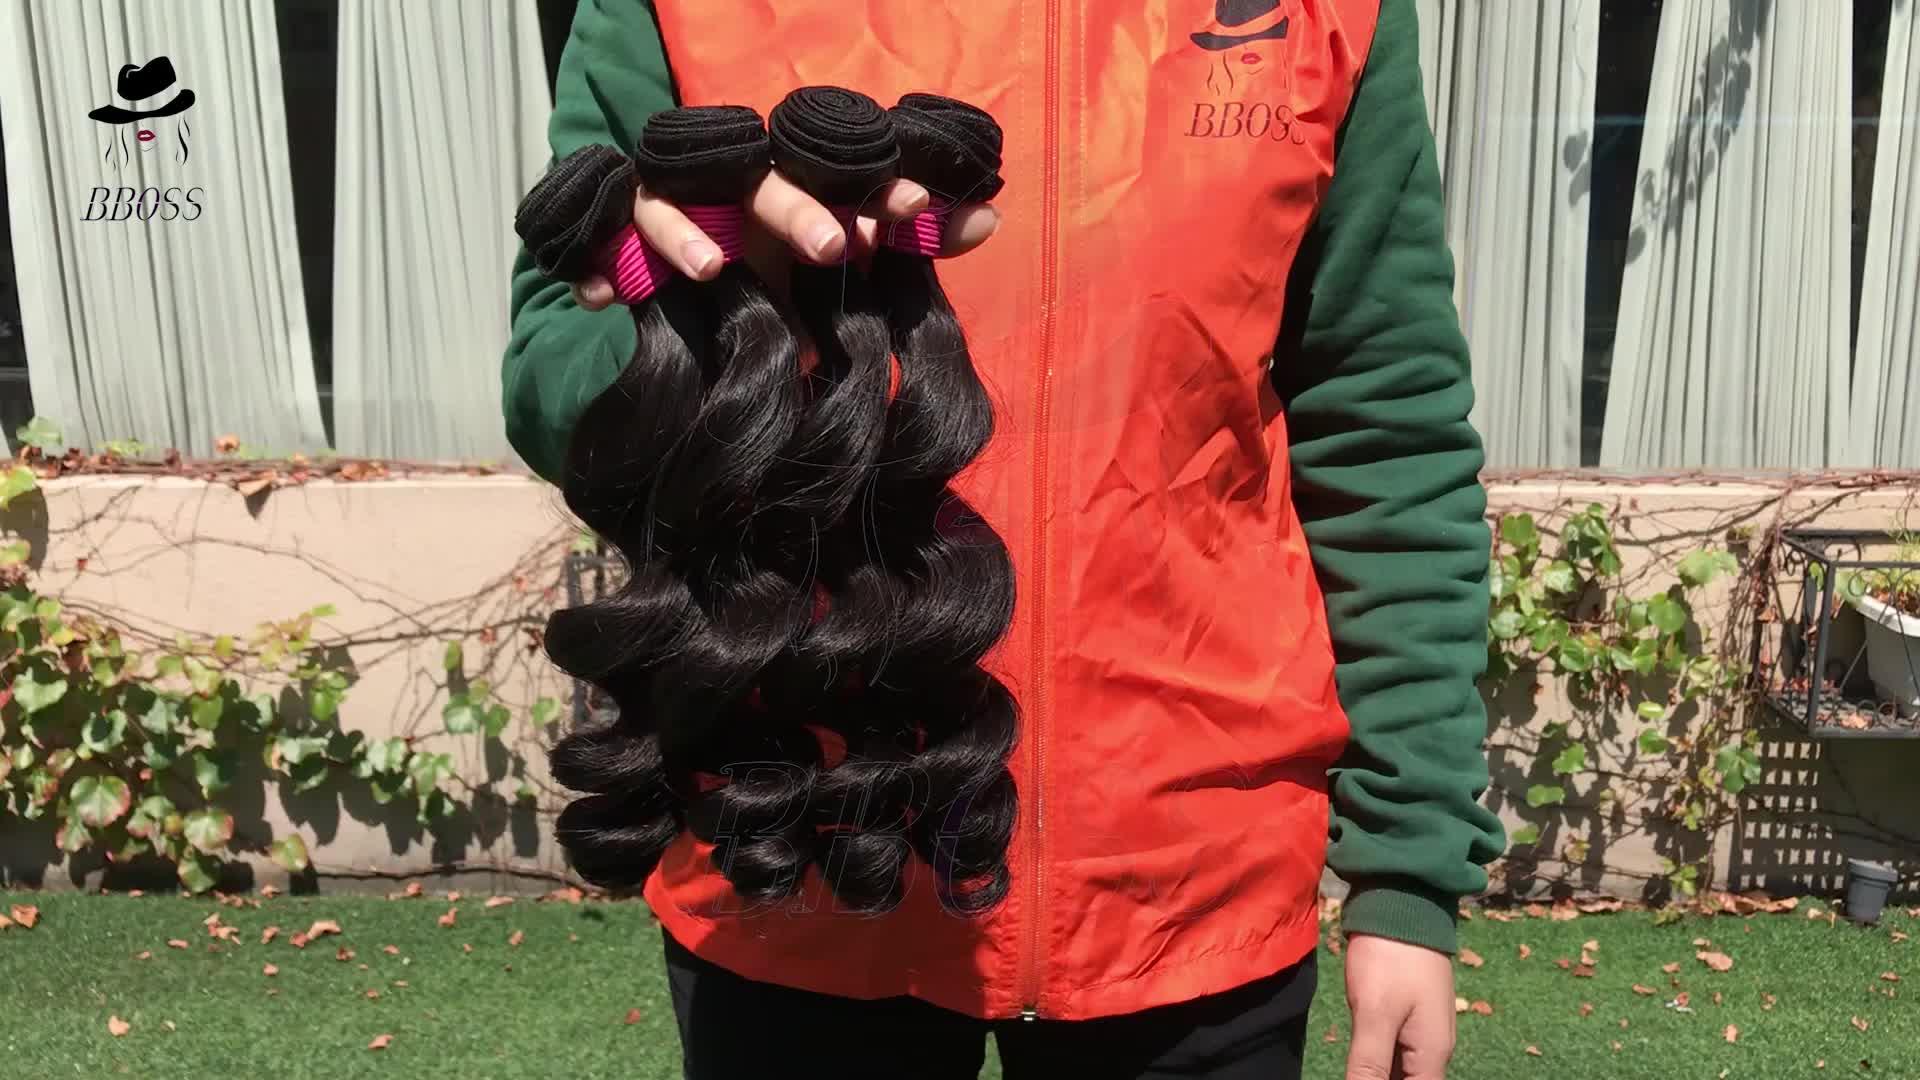 BBOSS A Buon Mercato di grado 10A vergine 18 pollici peruviana dei capelli, dell'onda del corpo dei capelli umani peruviani, euro stile di prodotti per i capelli